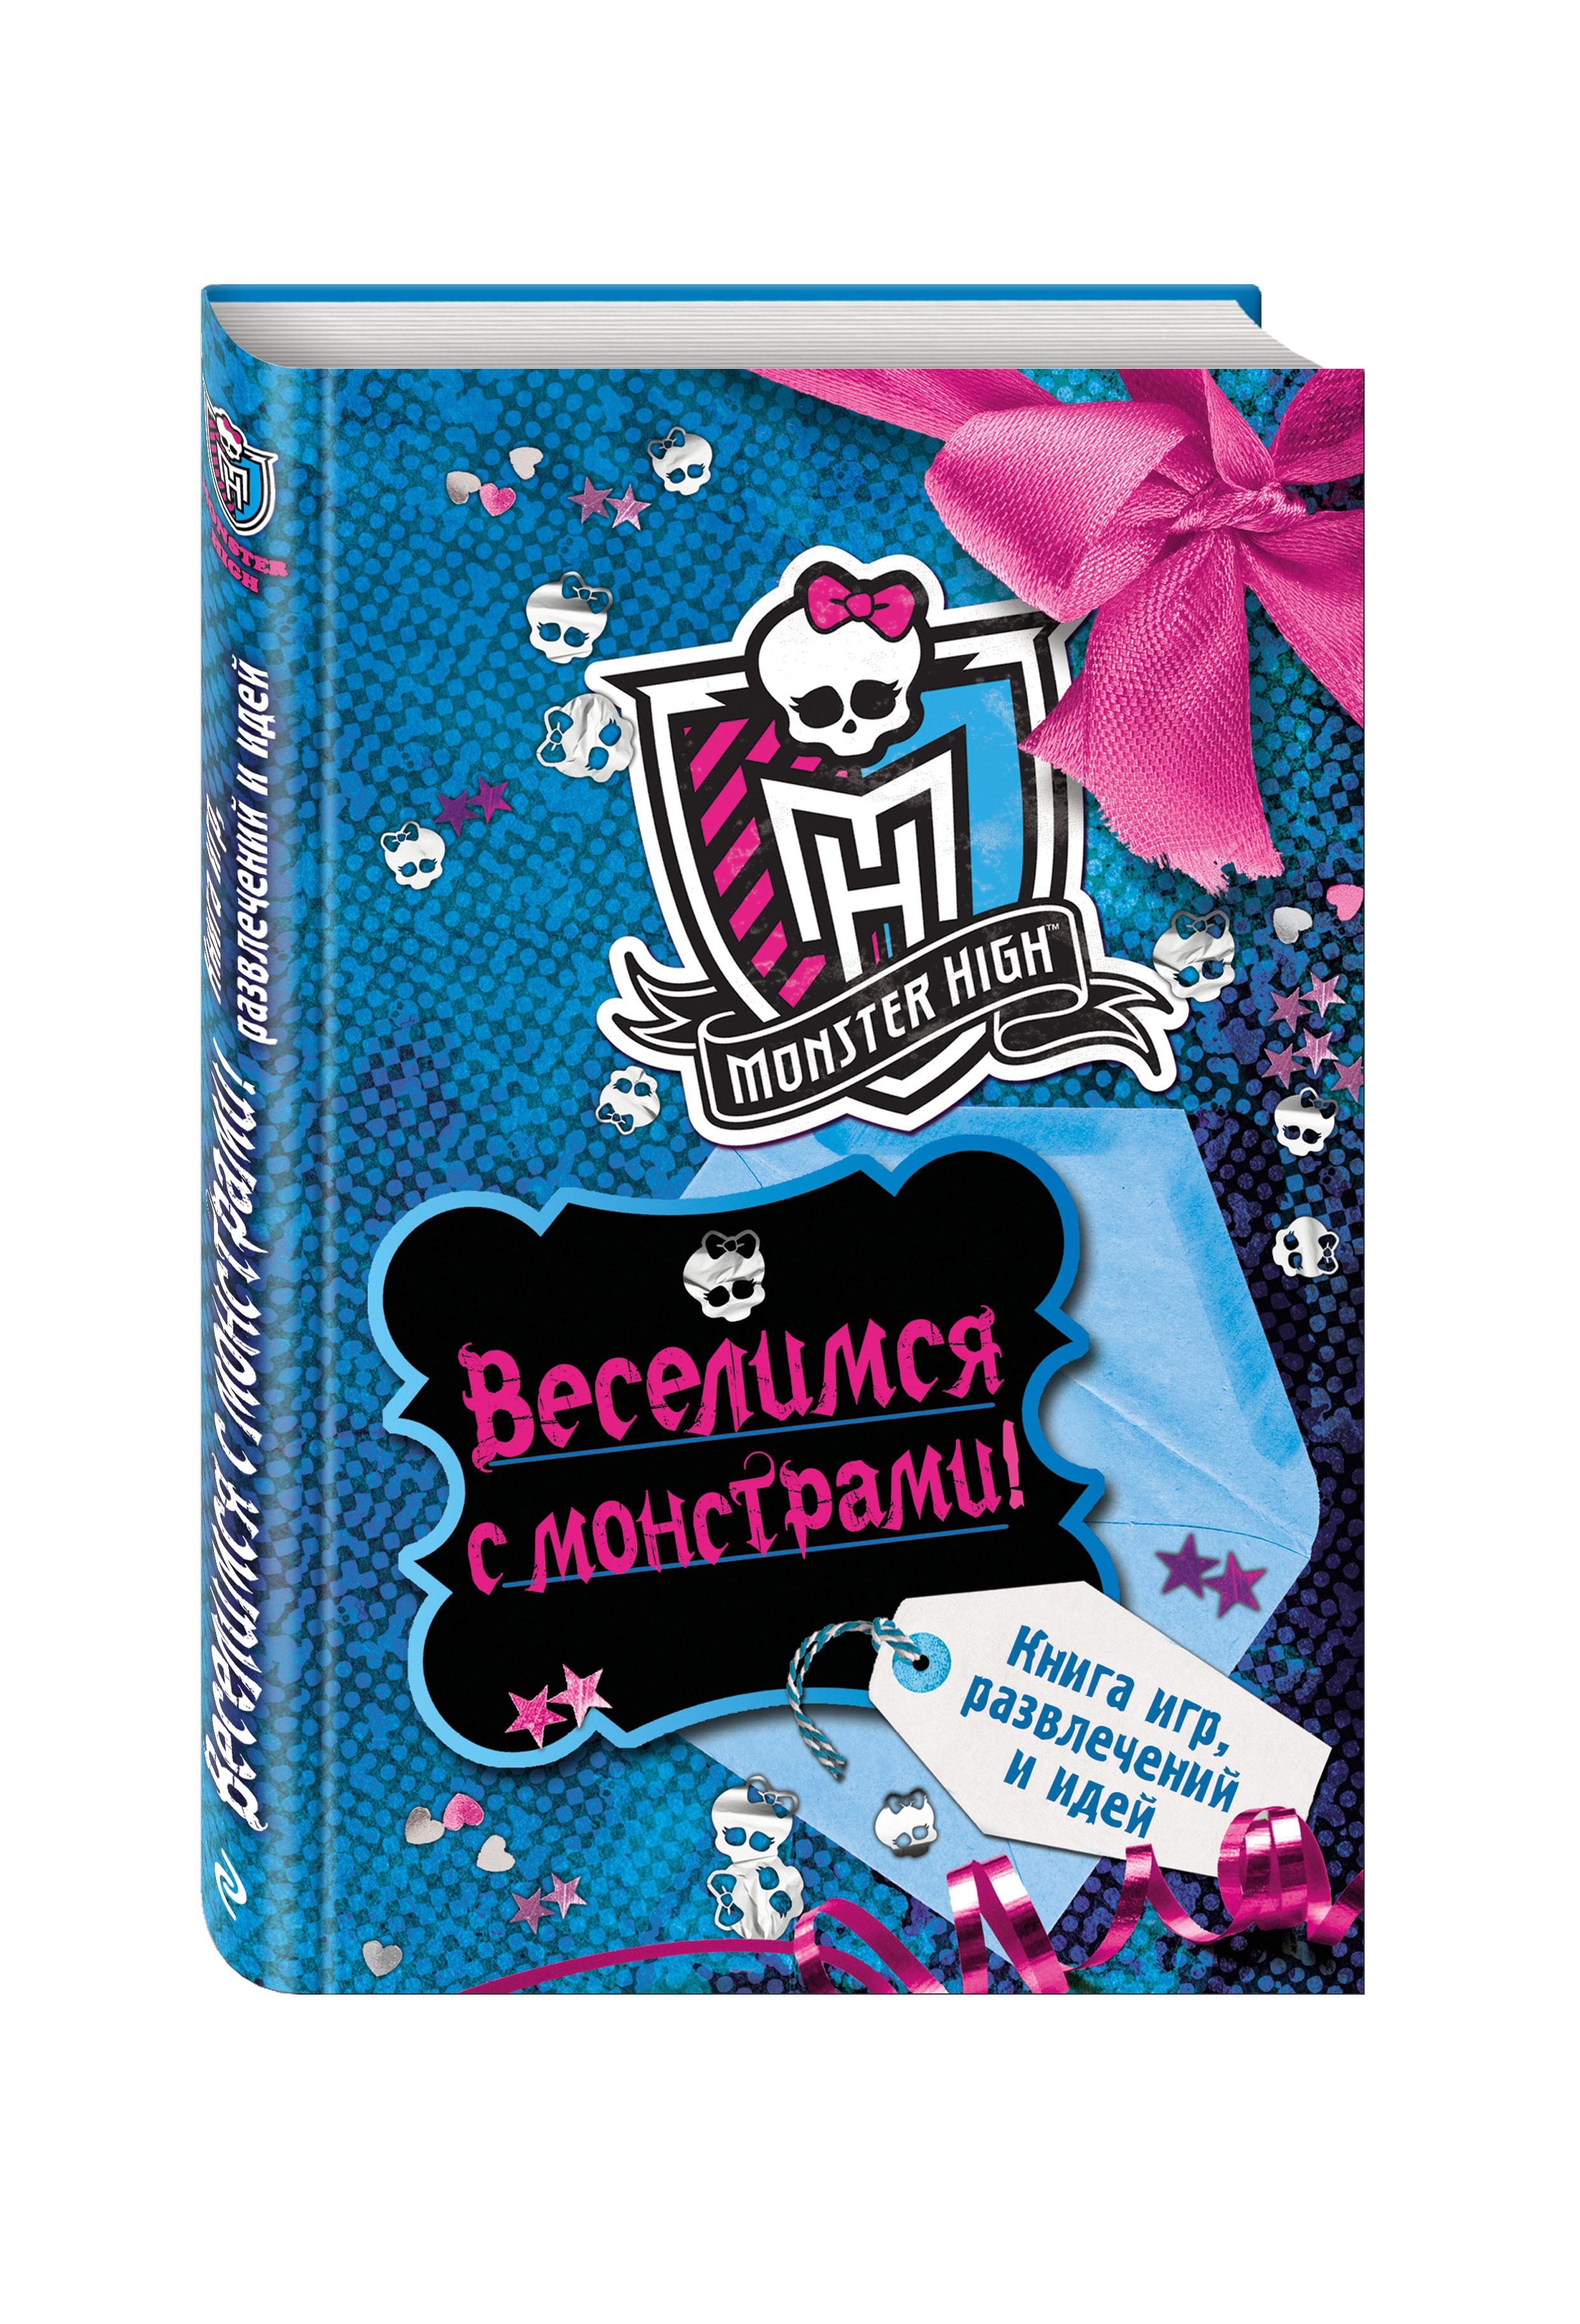 Веселимся с монстрами! Книга игр, развлечений и идей ефимова е пер каникулы вместе с монстрами большая книга развлечений